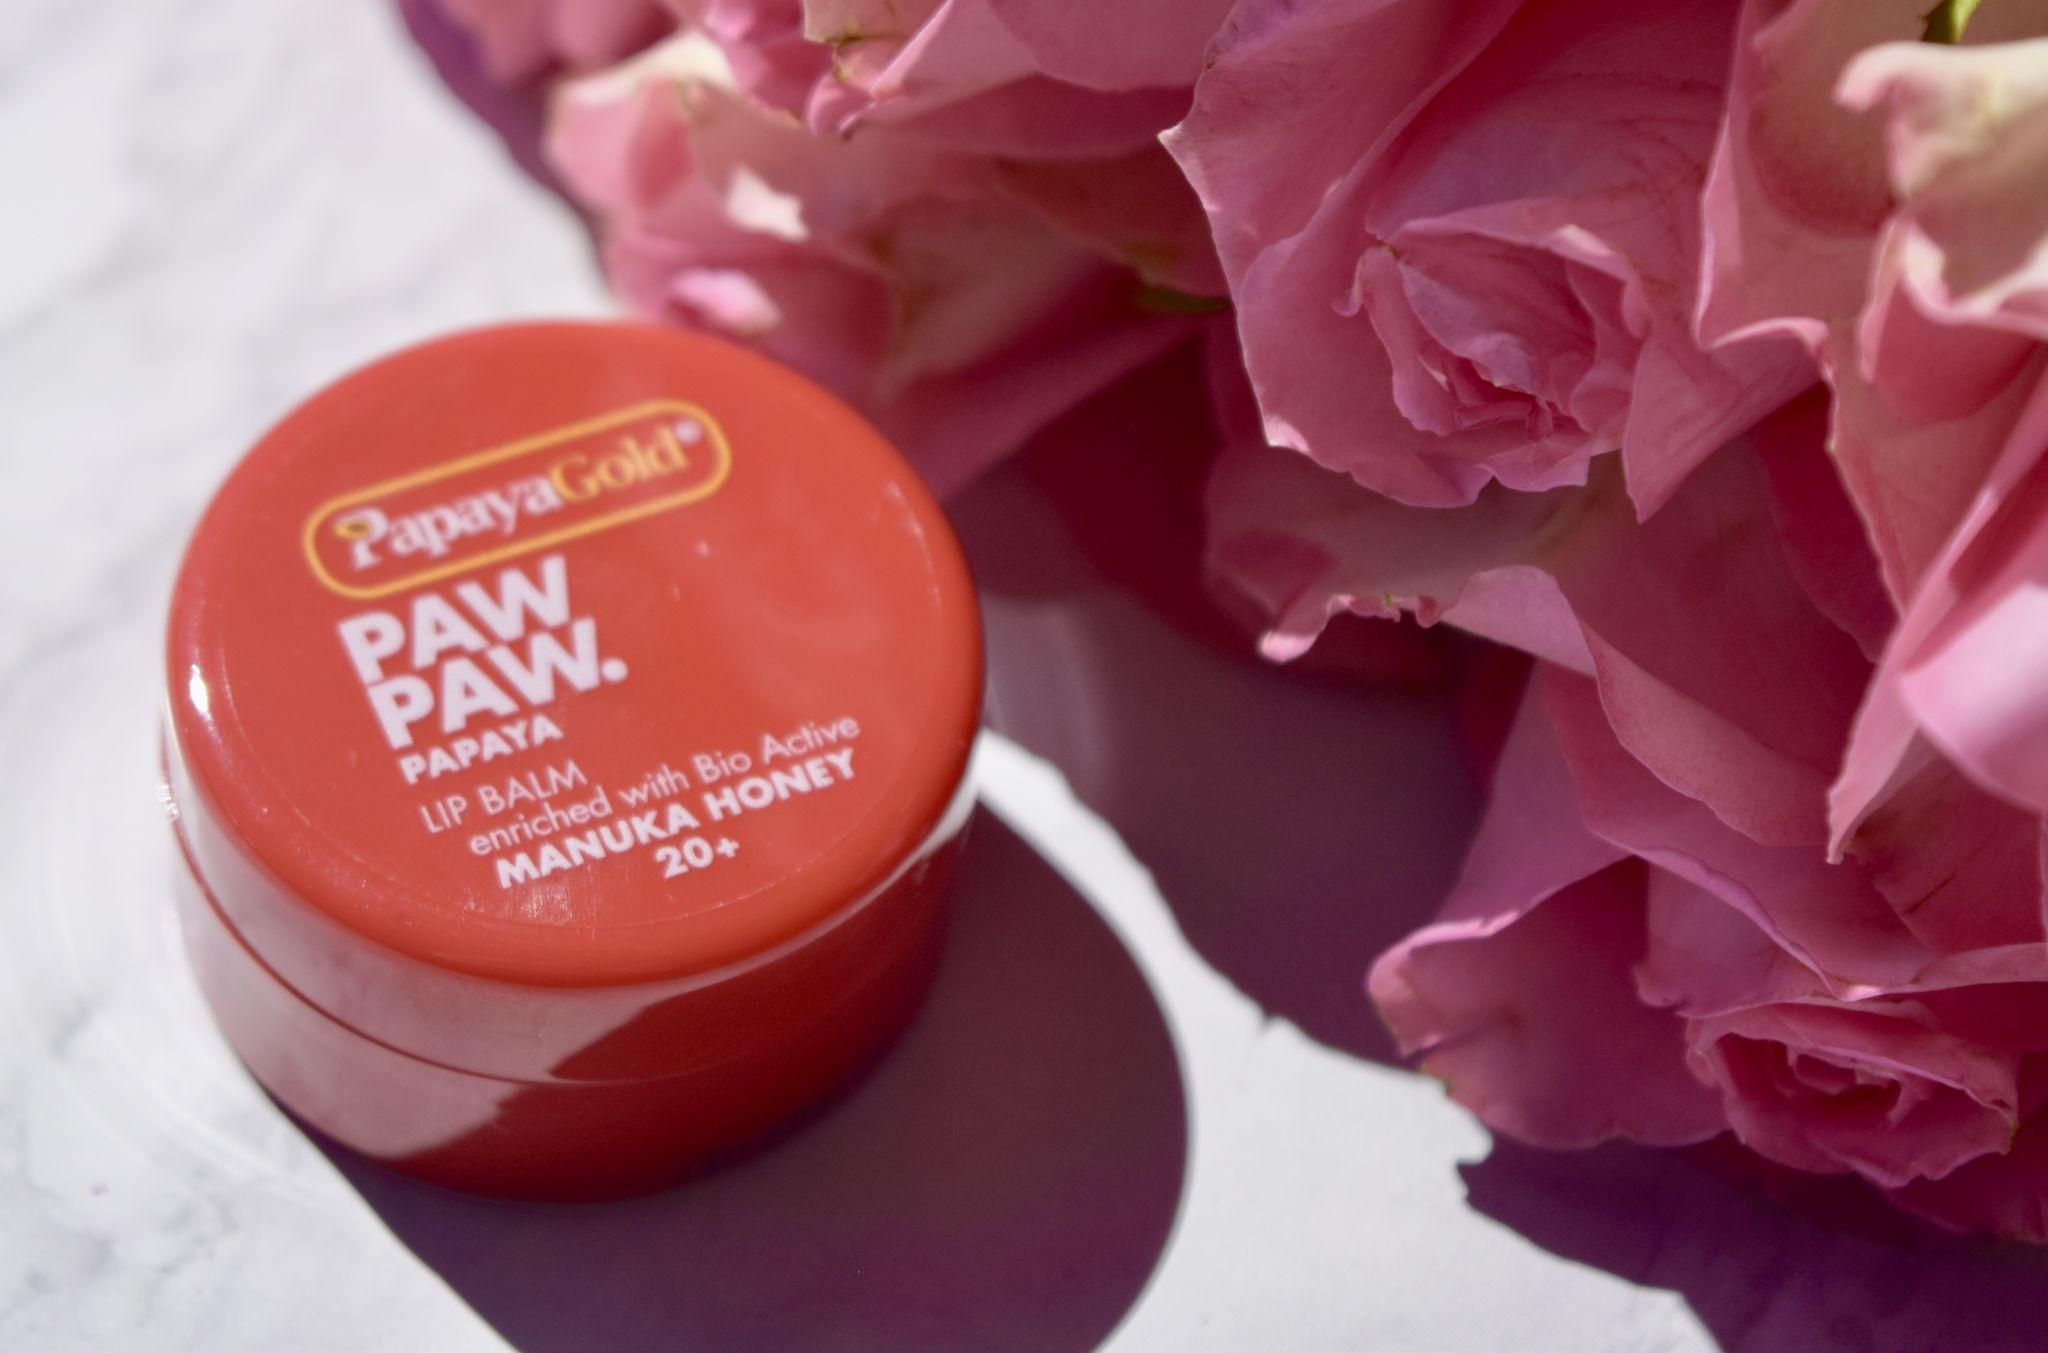 PapayaGold Paw Paw Lip Balm with Manuka Honey